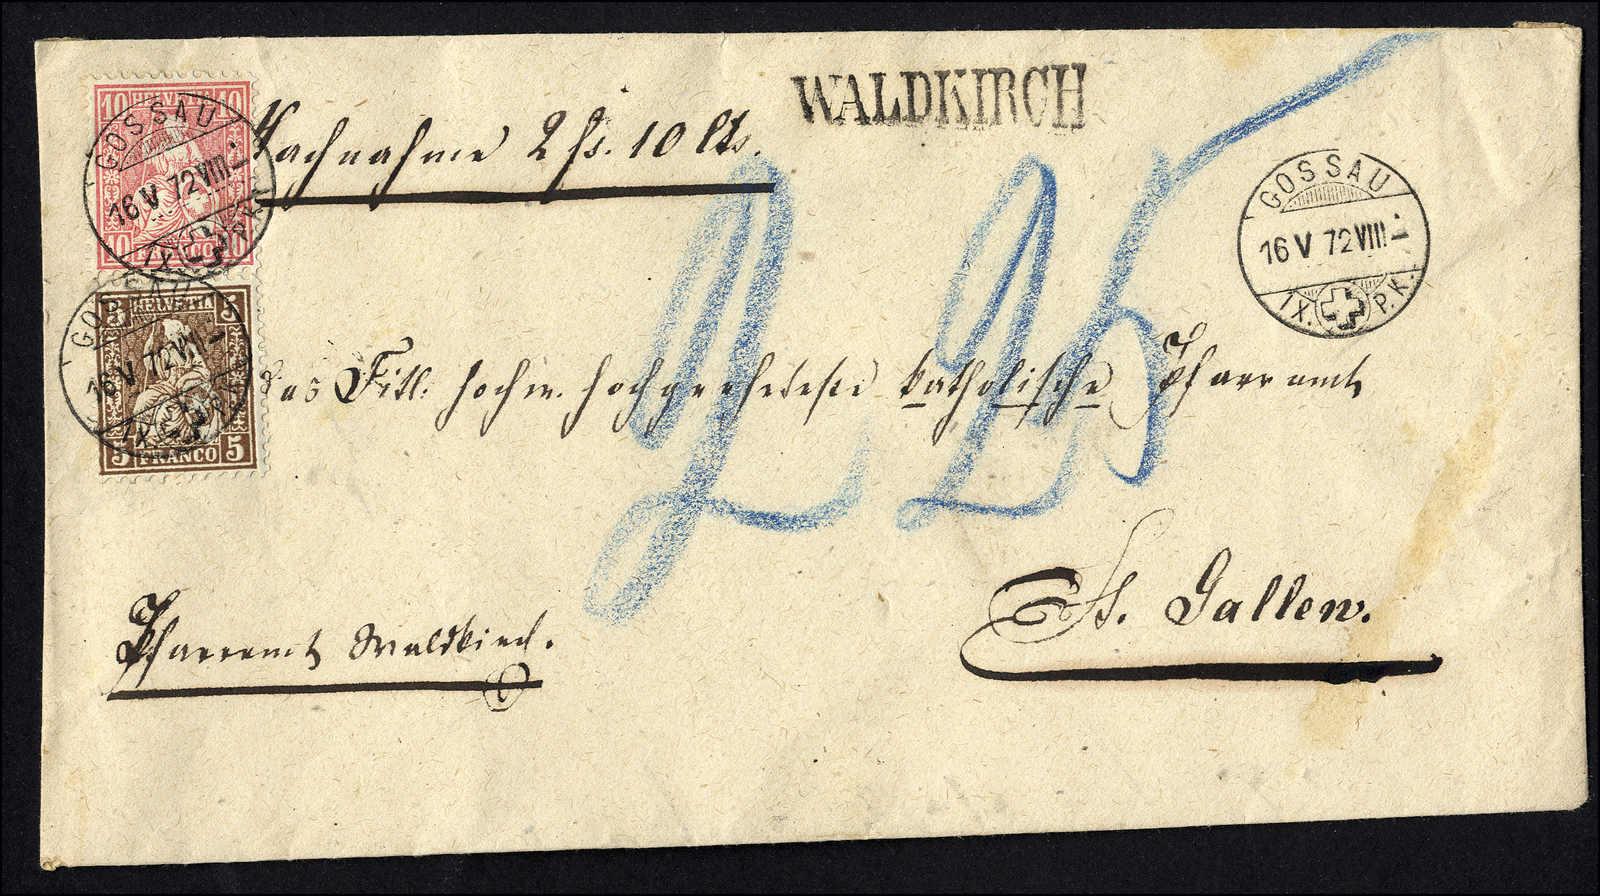 Lot 107 - schweiz Schweiz Sitzende Helvetia gezähnt -  Rolli Auctions Auction #68 Day 1